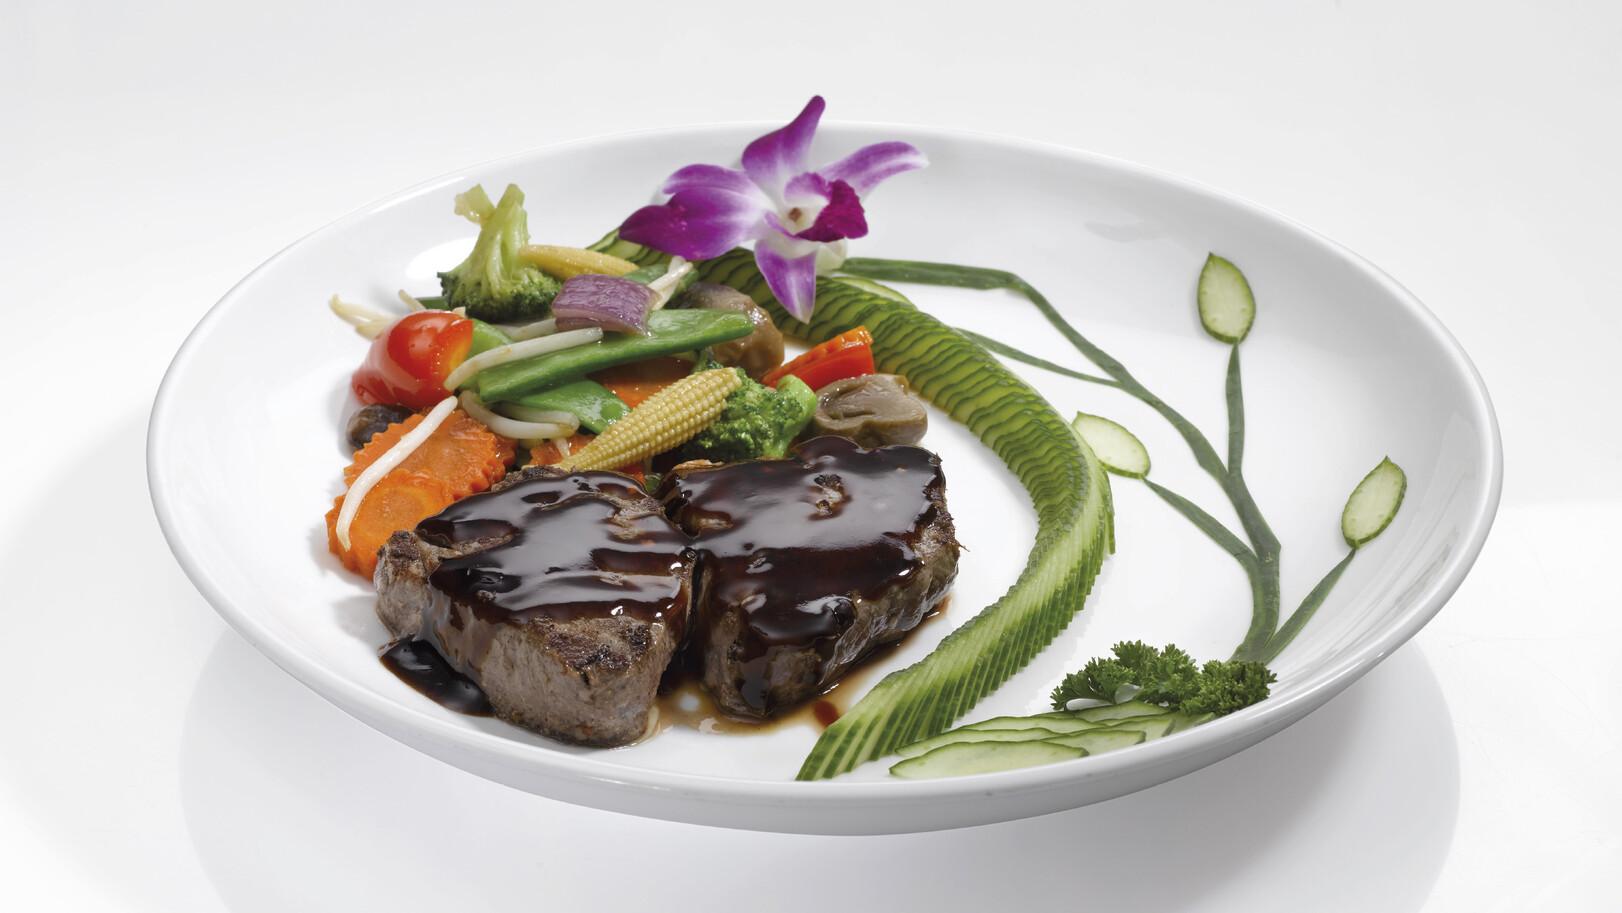 Gastronomie Dornbirn Wohin Heute Vorarlberg Asiatische Kuche